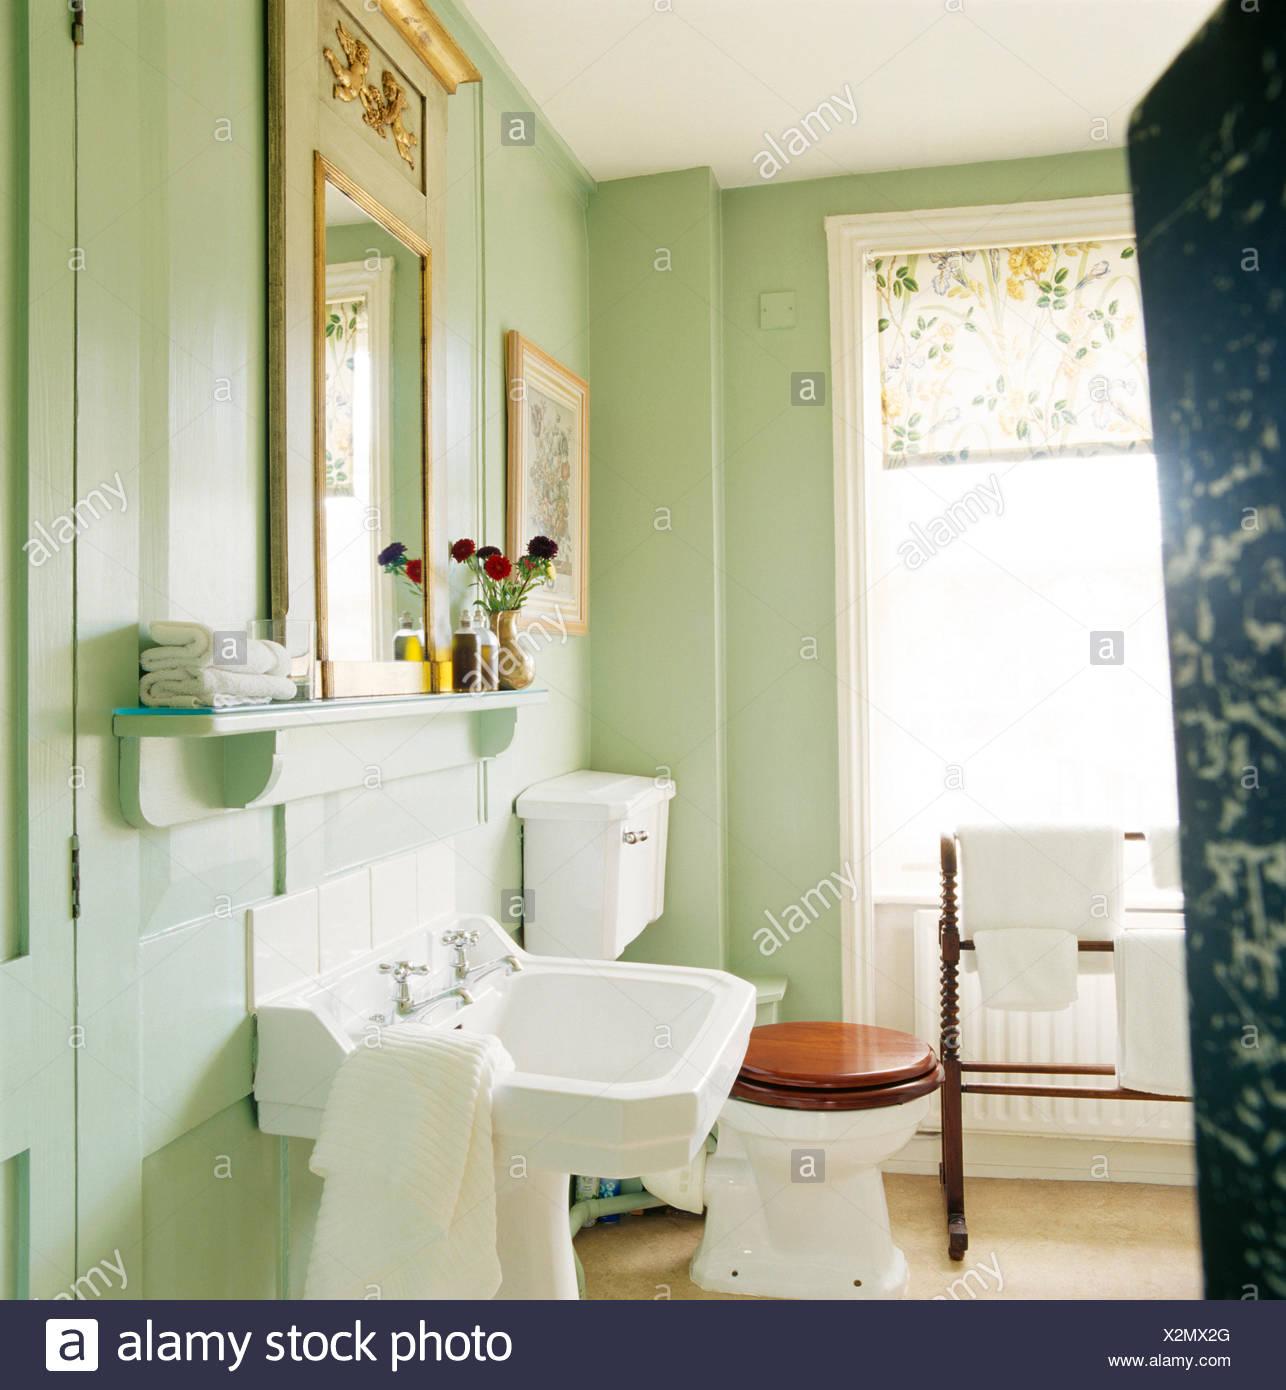 Pastell Grün Badezimmer mit weißen Sockel Waschbecken und Toilette ...